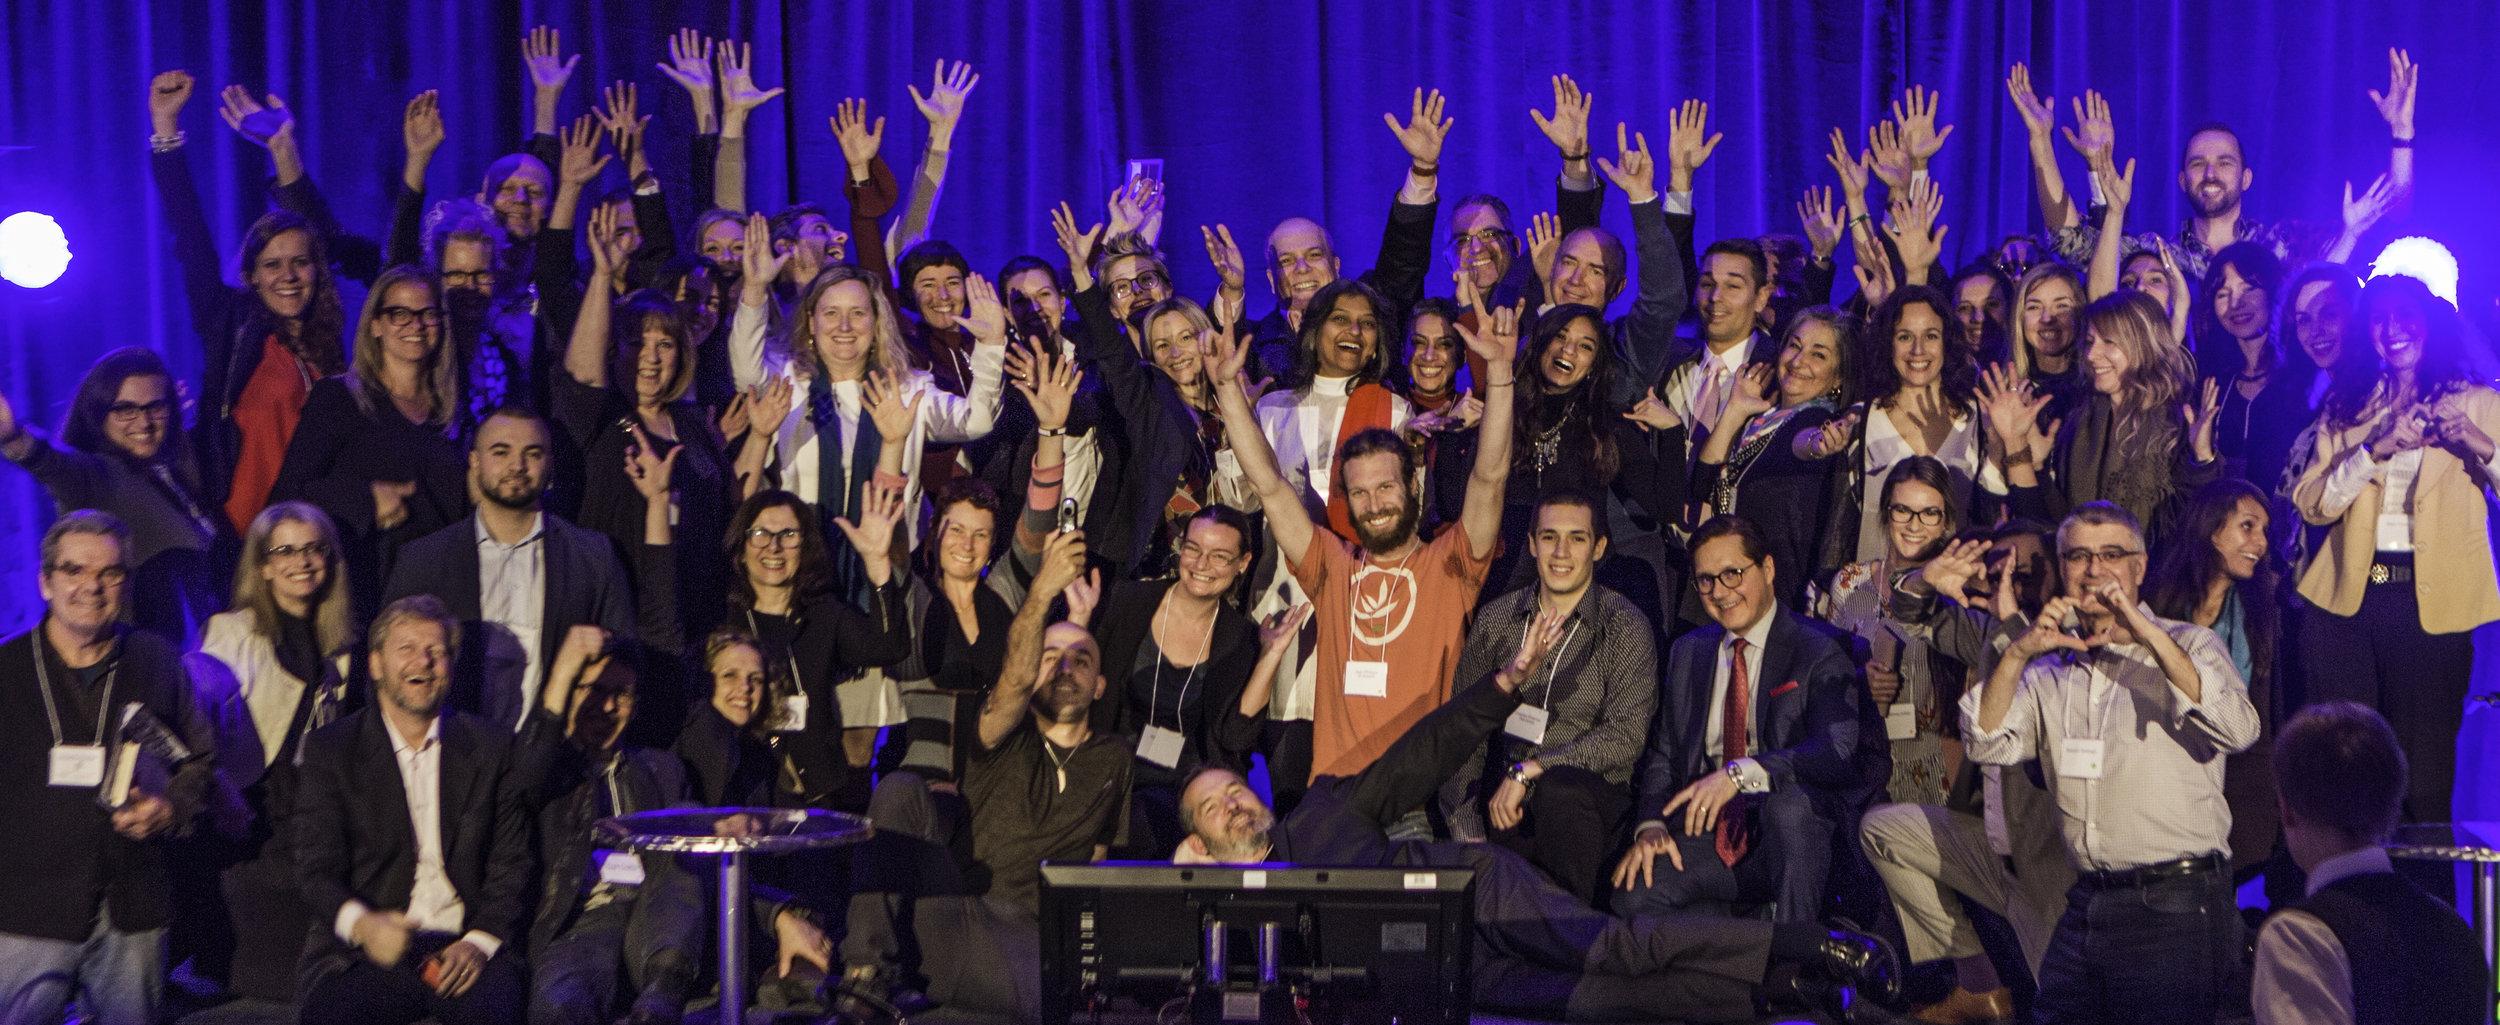 Global Summit for Conscious Leadership - 14-15 mars 2018 - Montréal